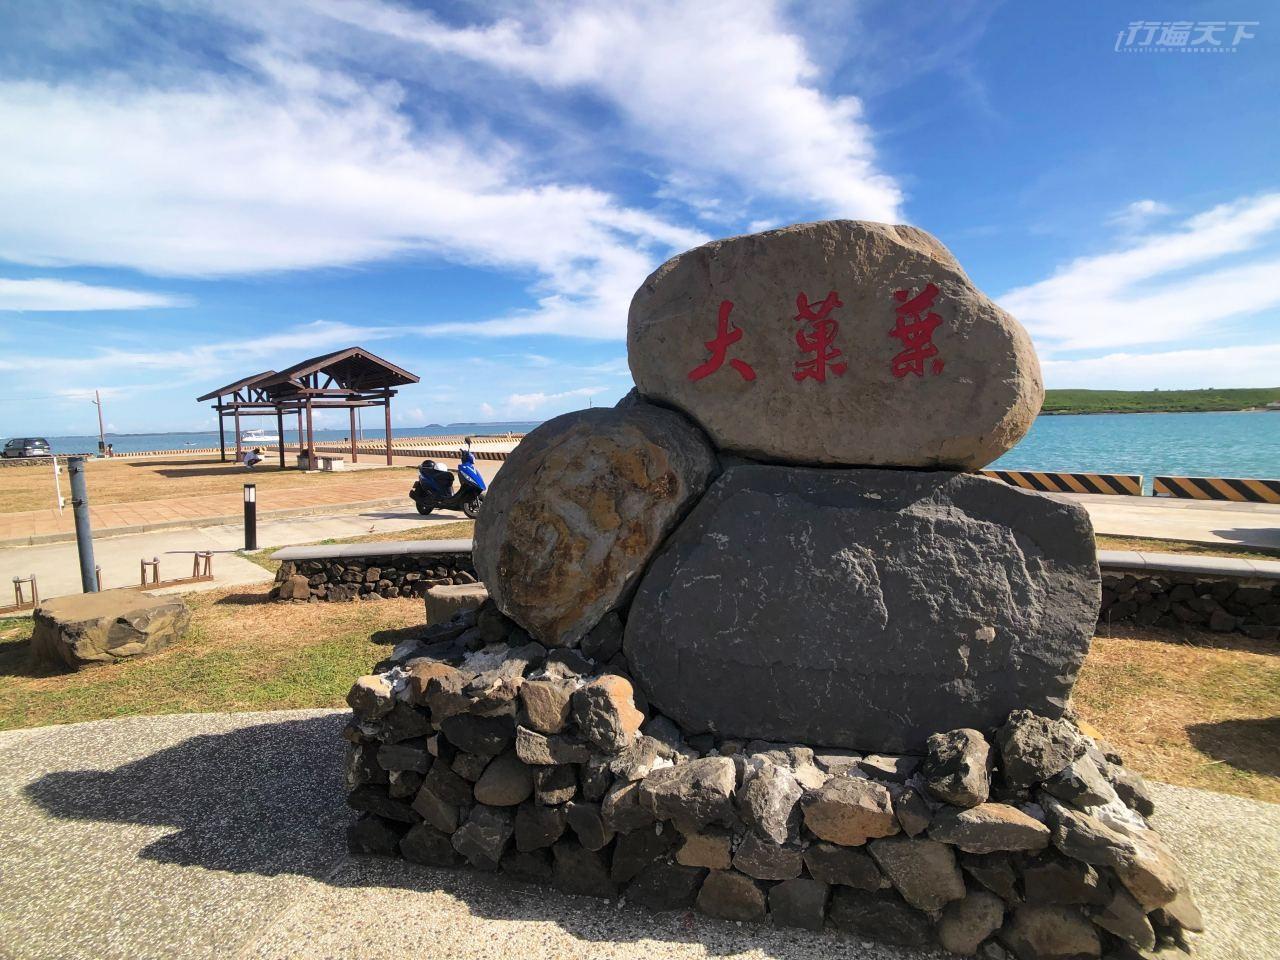 郵輪,跳島,澎湖,大菓葉柱狀玄武岩,平安龜